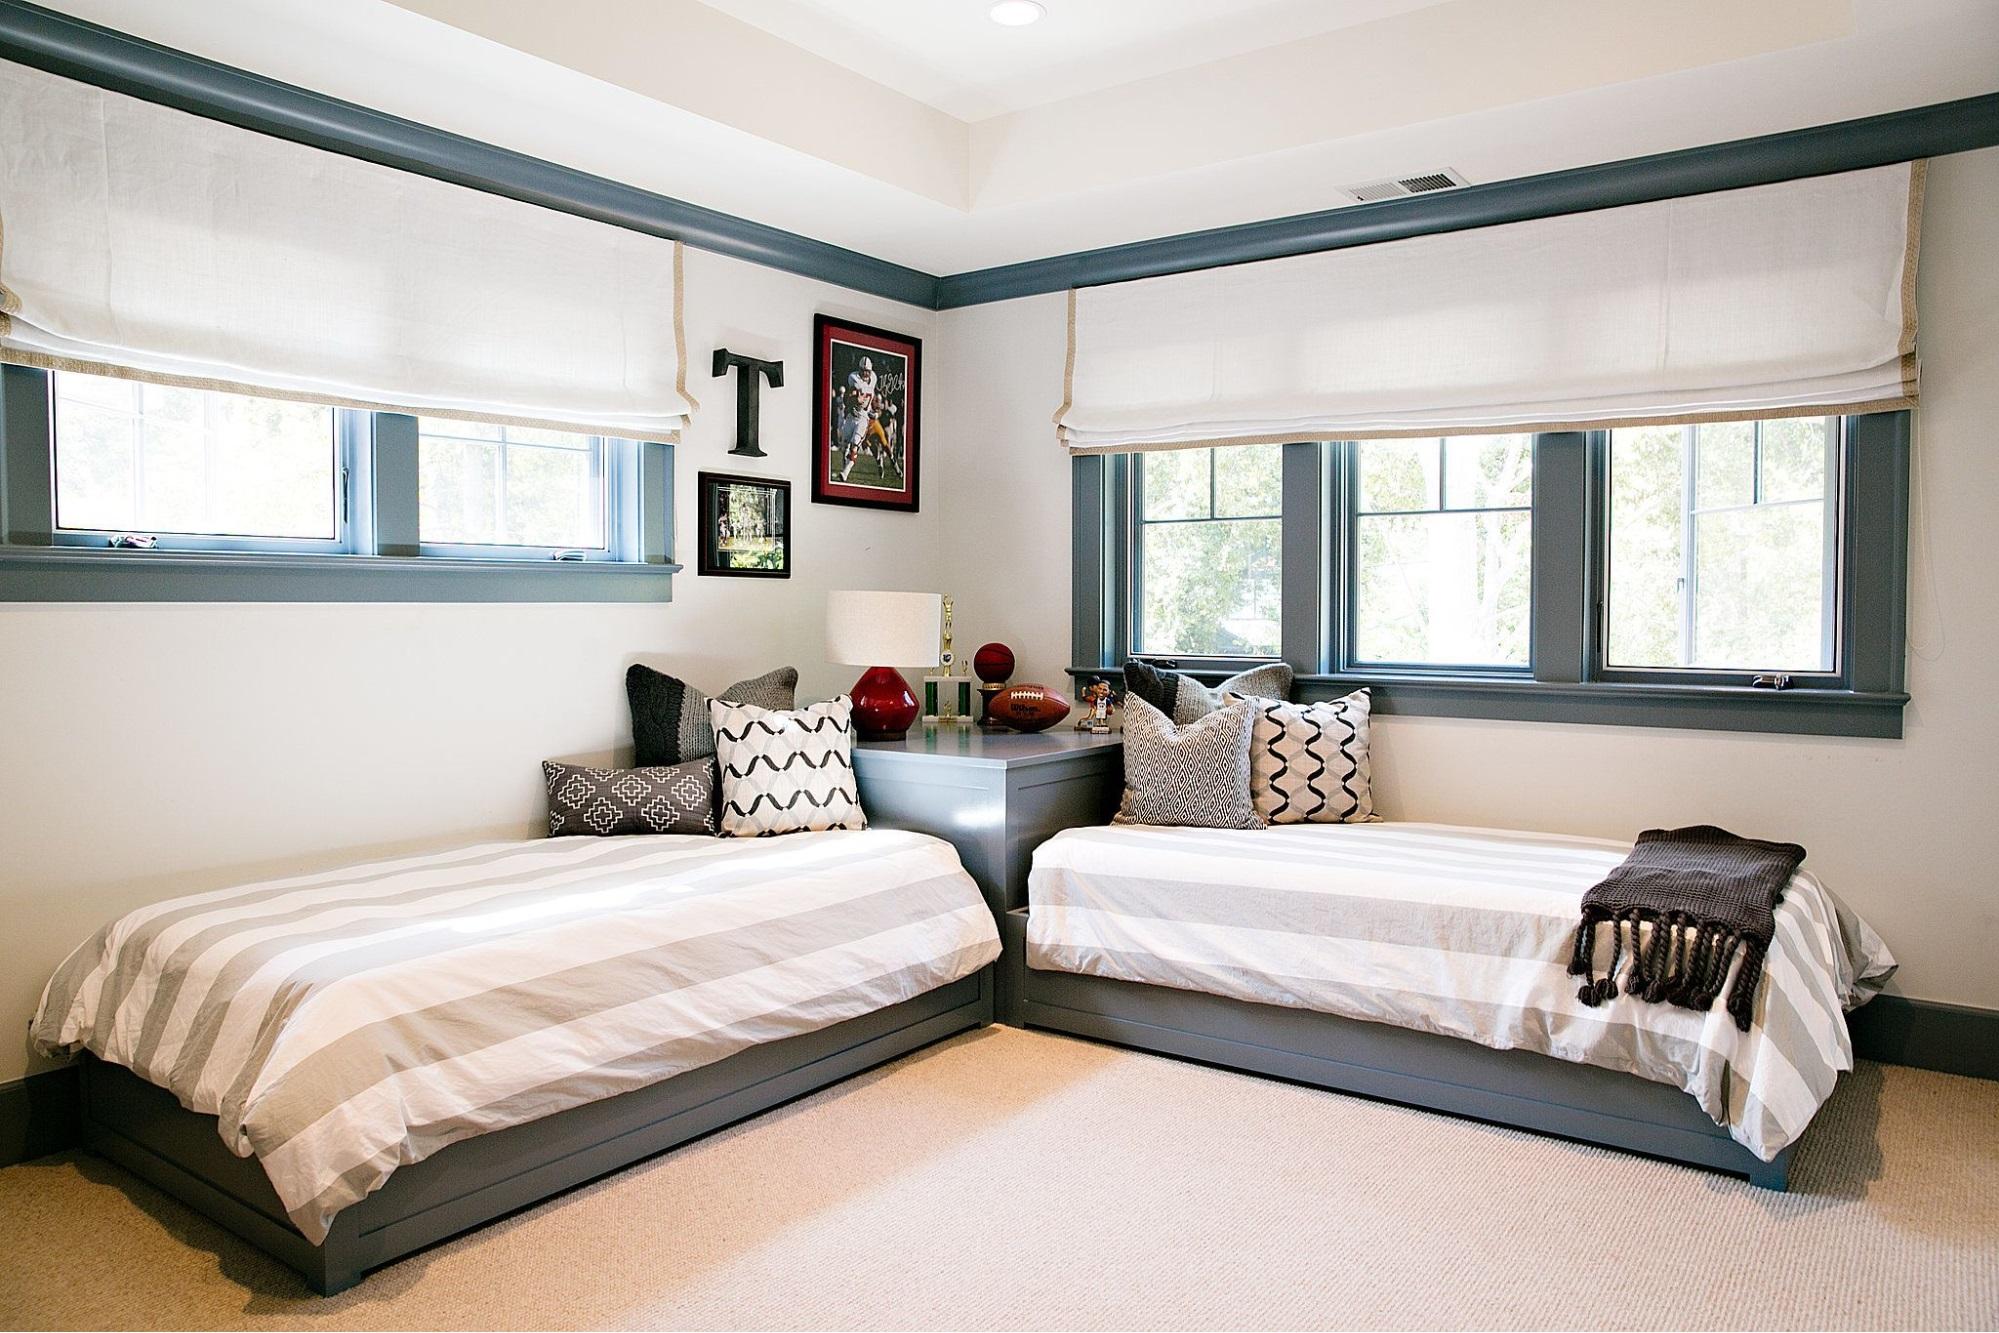 tiêu chuẩn thiết kế cho khách sạn 4 sao - Housedesign